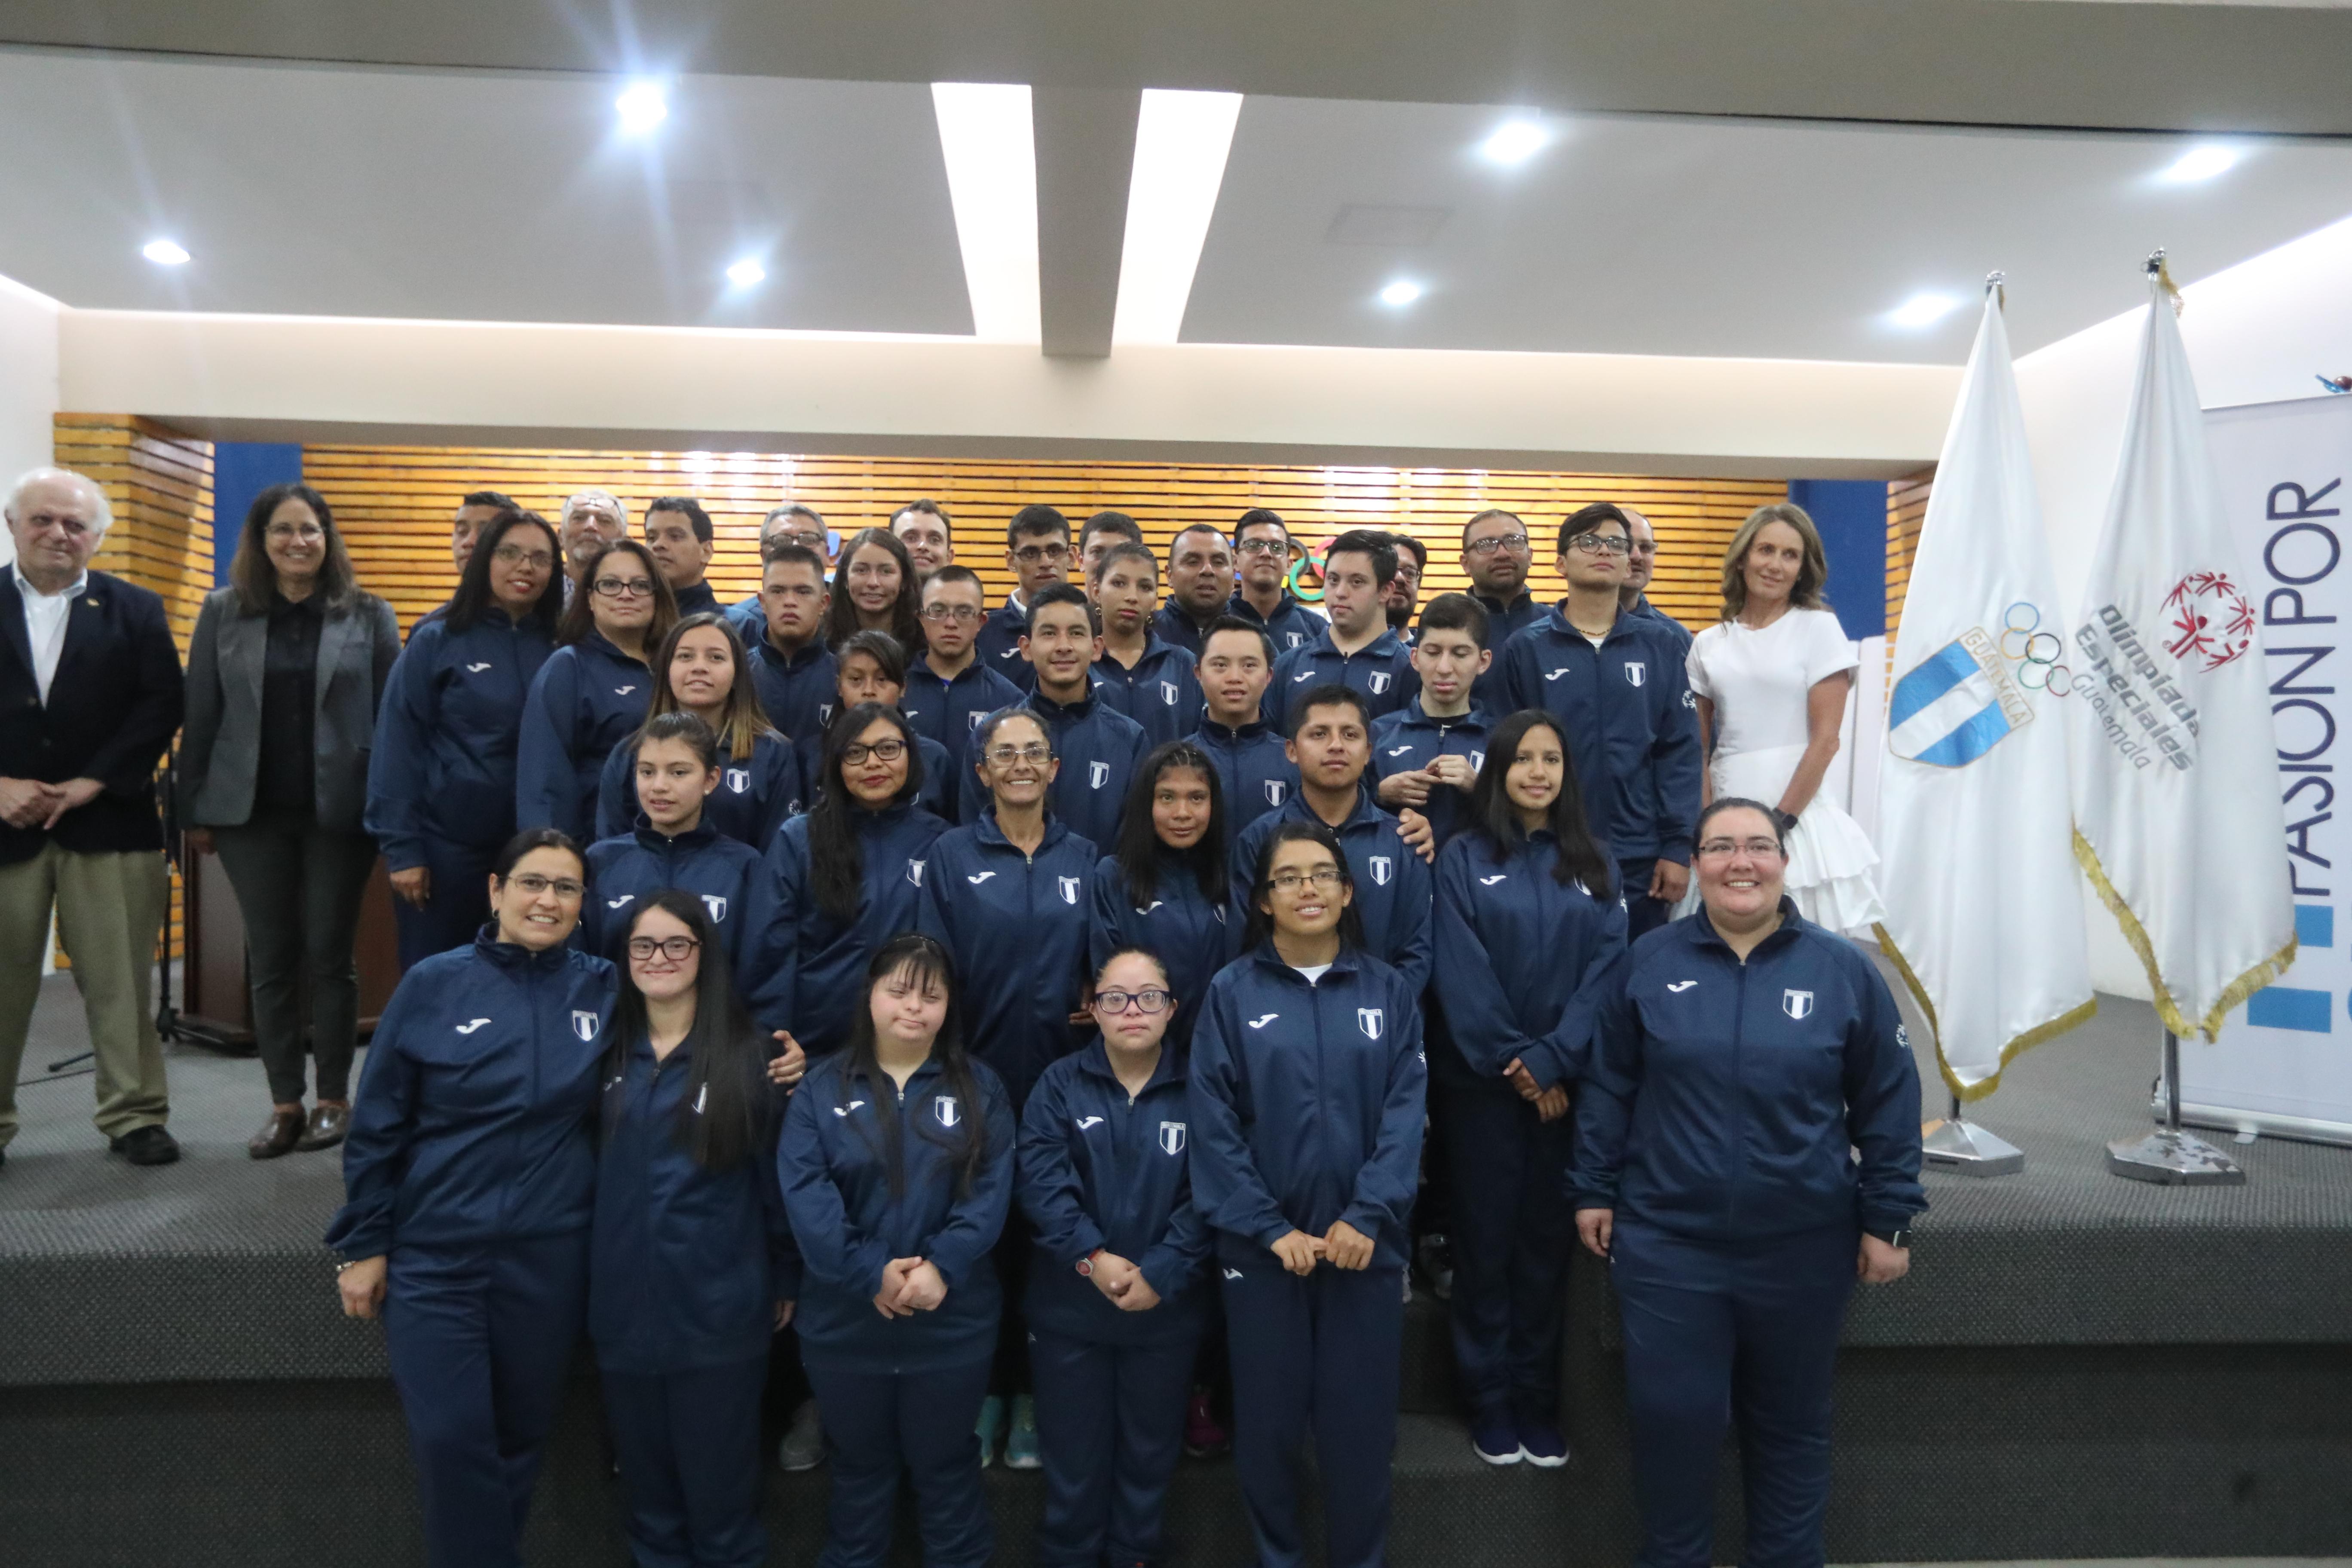 Ellos son los integrantes de la delegación guatemalteca que competirán en los Juegos Mundiales en Abu Dhabi. (Foto Prensa Libre: Carlos Vicente)